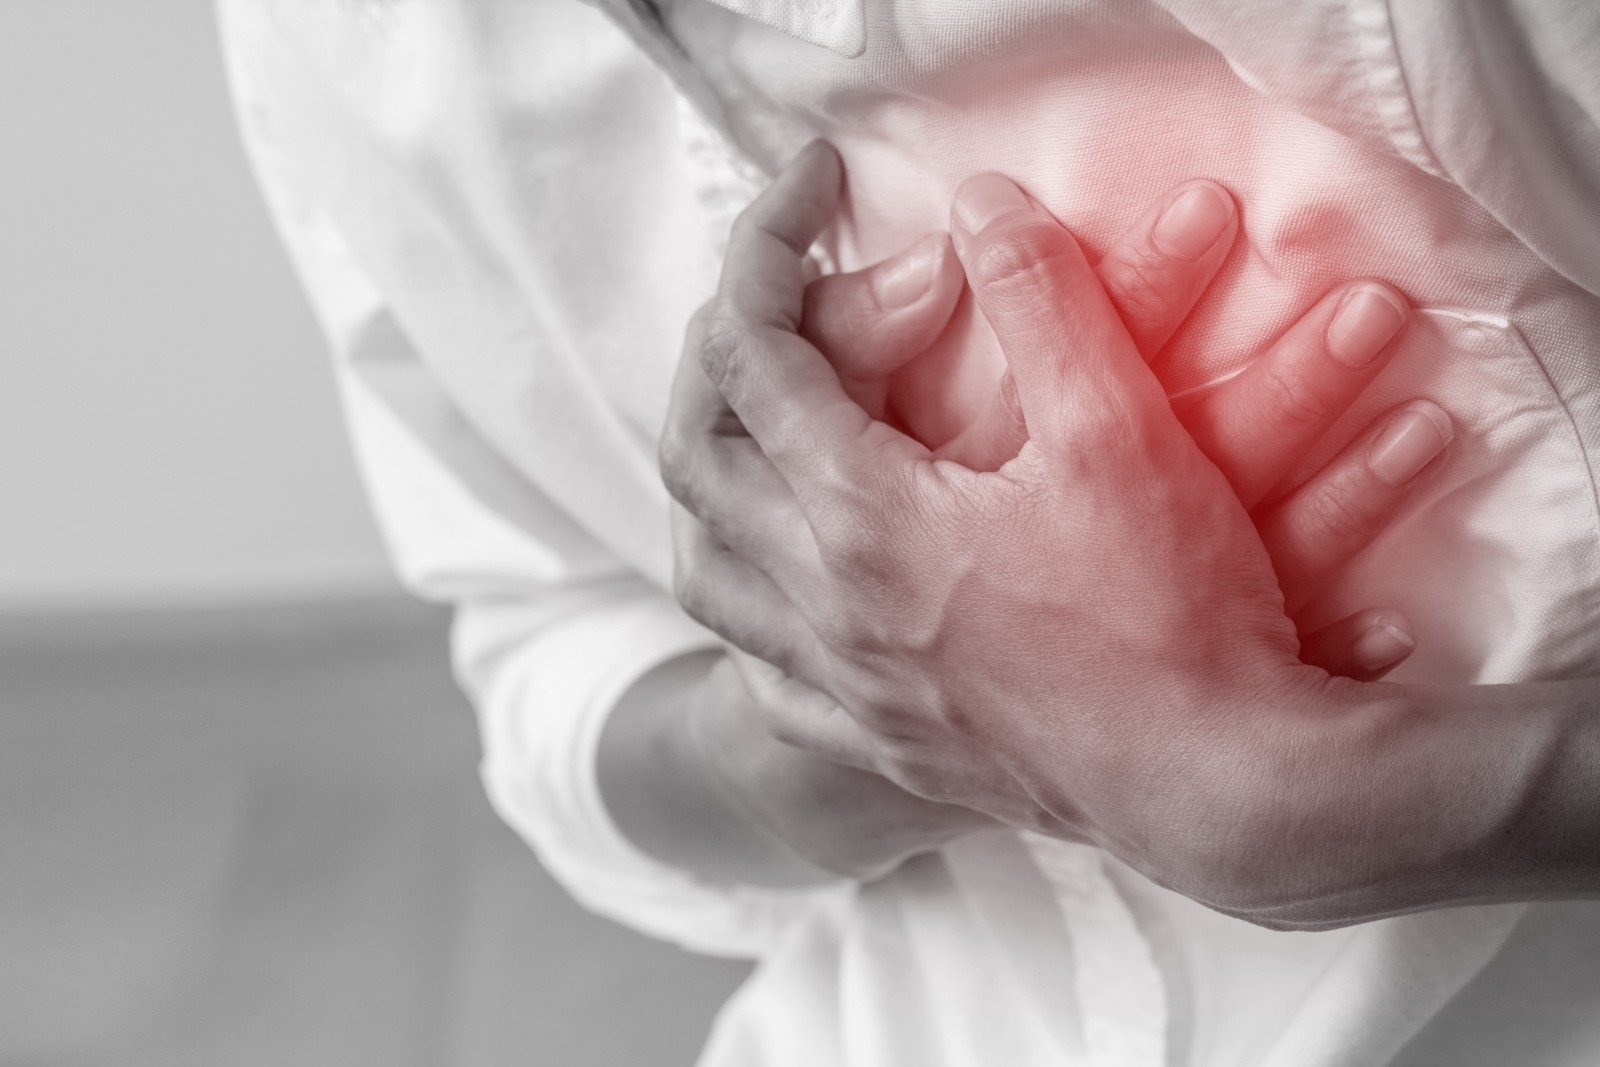 vaistų nuo hipertenzijos grupė ką daryti, jei vaikas serga hipertenzija